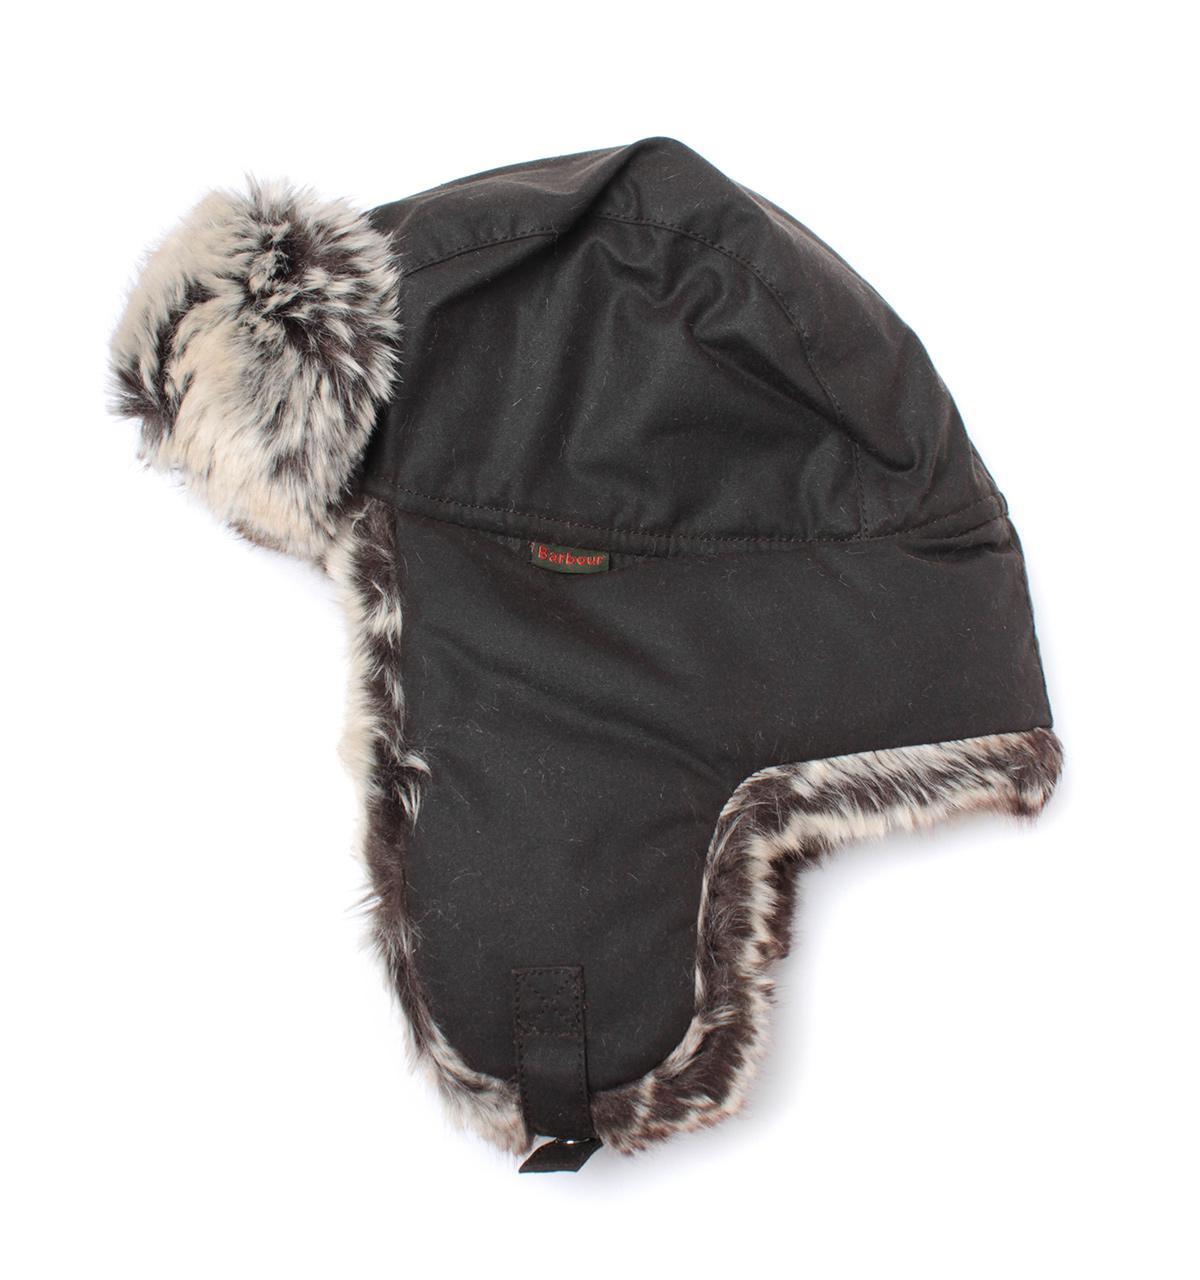 08b41d7f23b Lyst - Barbour Hardwick Olive Green Fur Trim Trapper Hat in Green ...